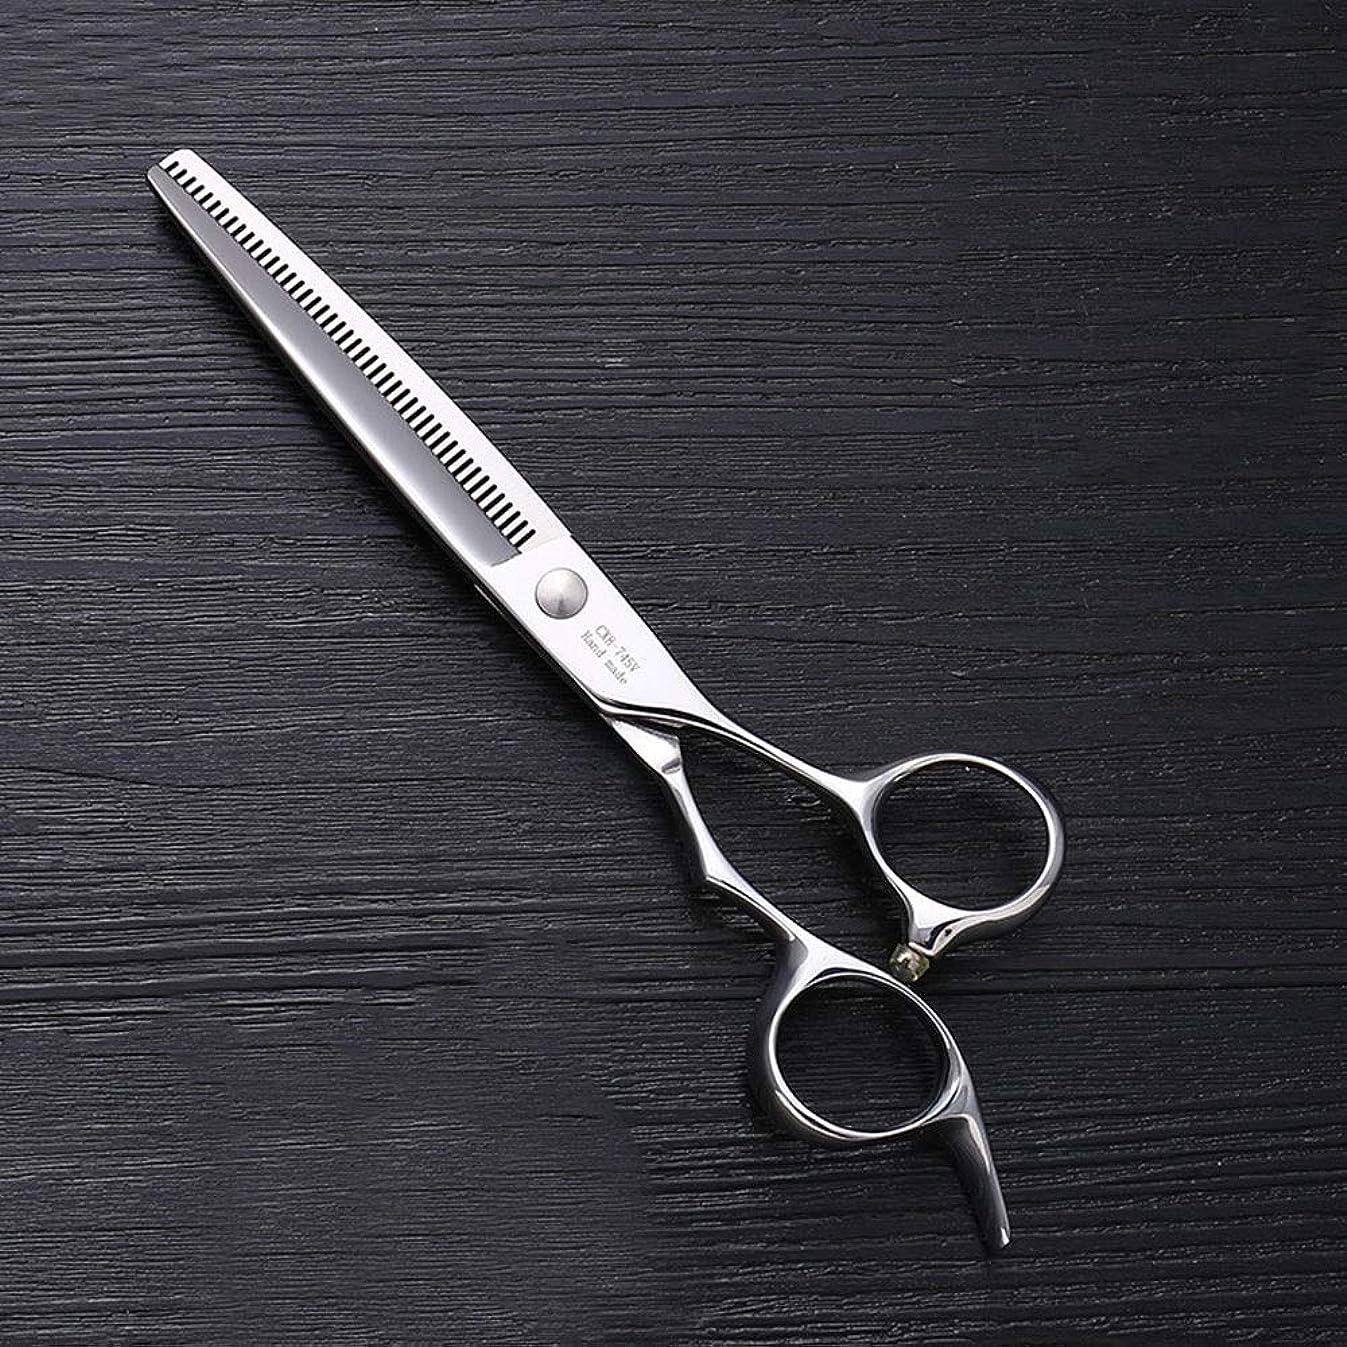 バッテリー第五アクセント7インチのステンレス鋼ペットトリマーの特別なはさみ、ペット歯の薄いはさみ モデリングツール (色 : Silver)